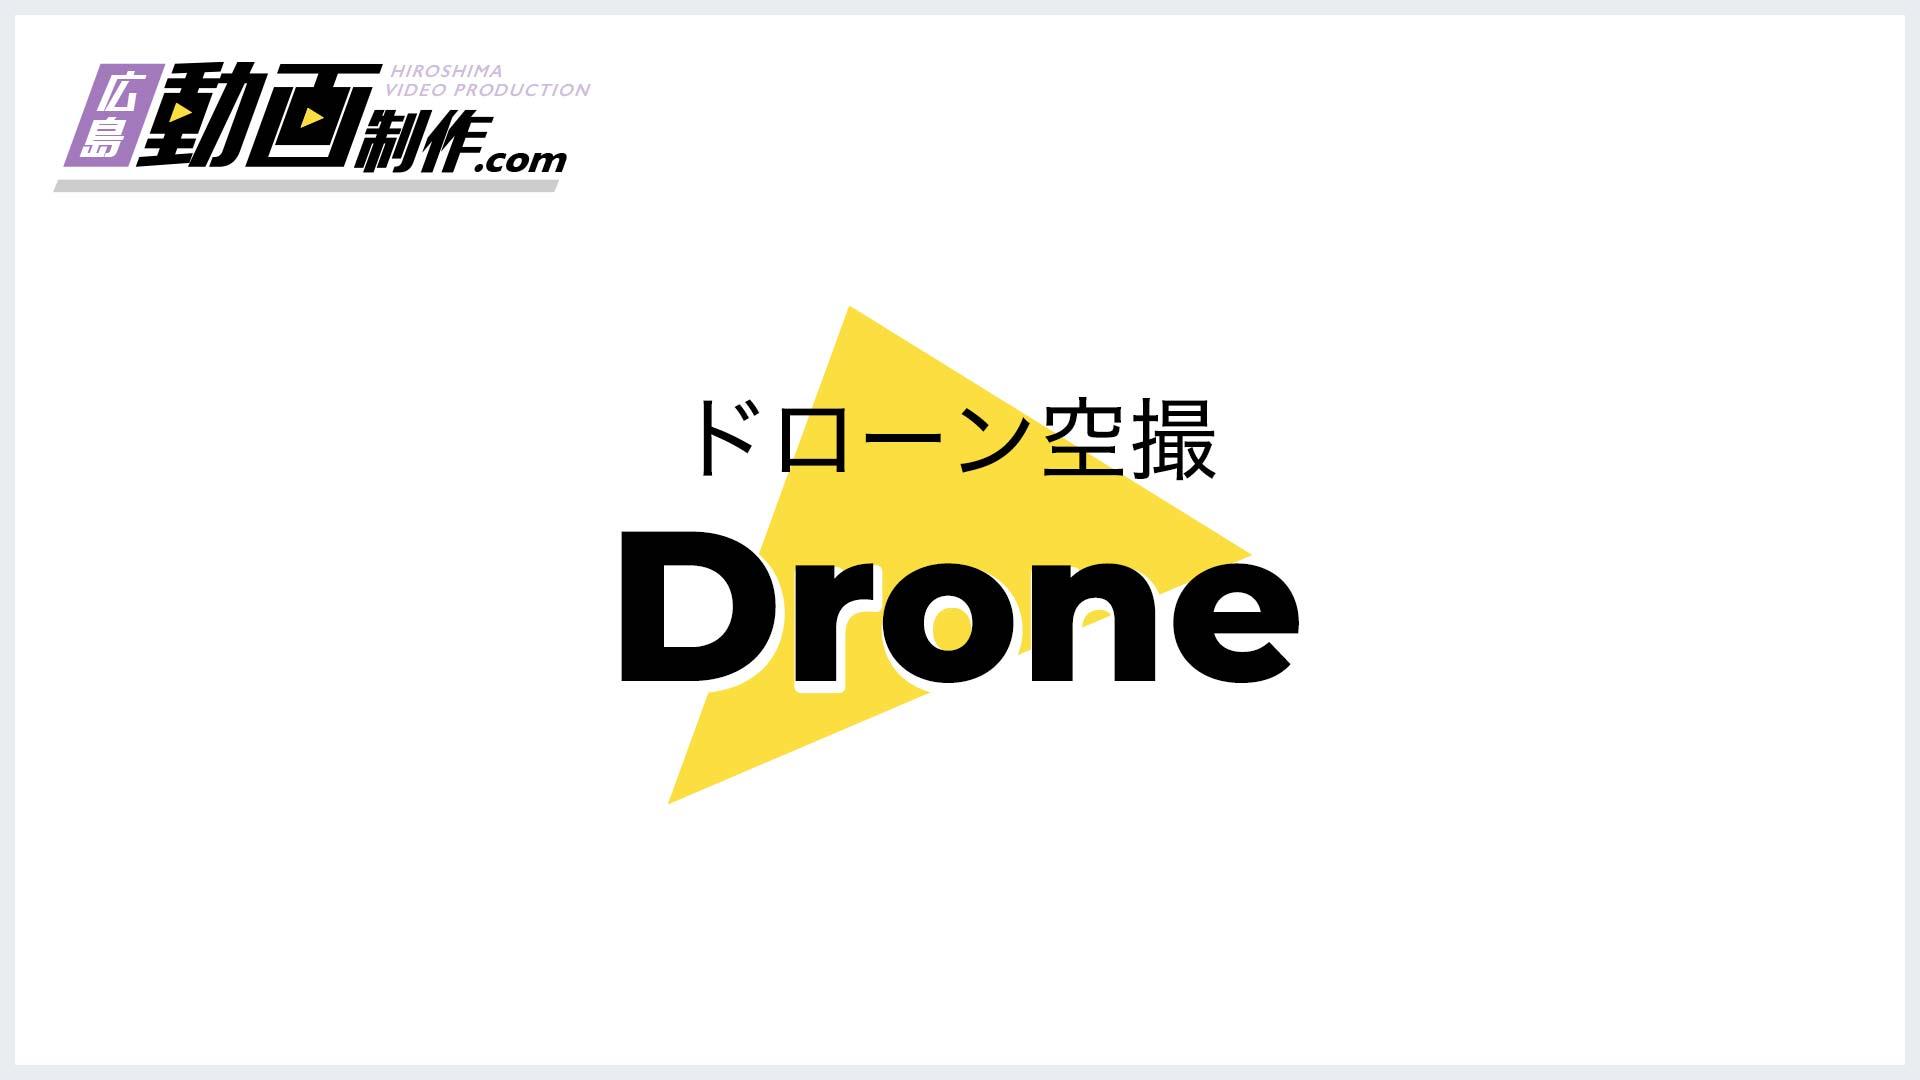 広島動画制作.com ドローン空撮 サムネイル